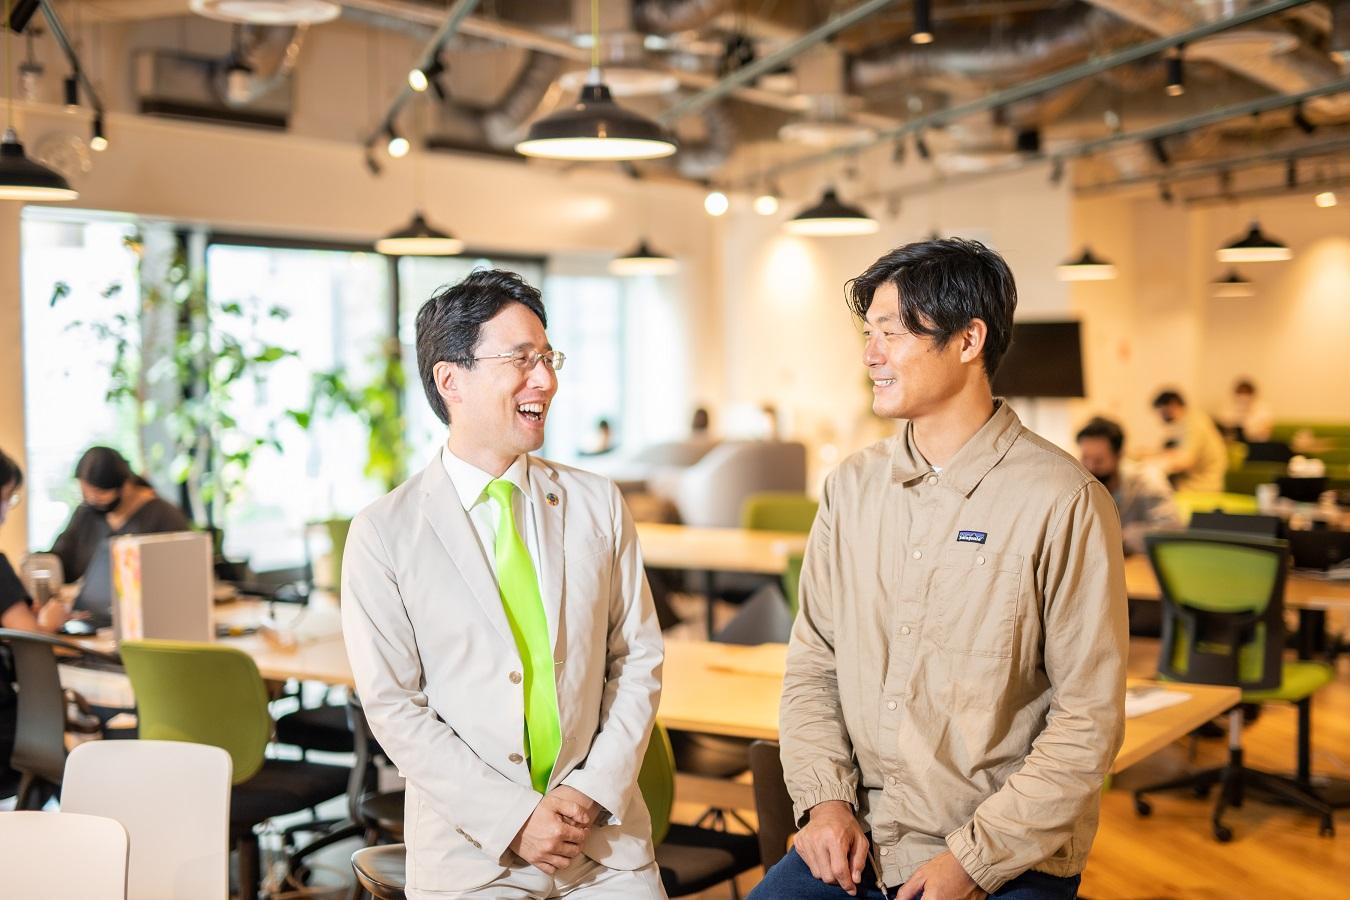 代表取締役社長 出雲充 と 取締役代表執行役員CEO 永田暁彦